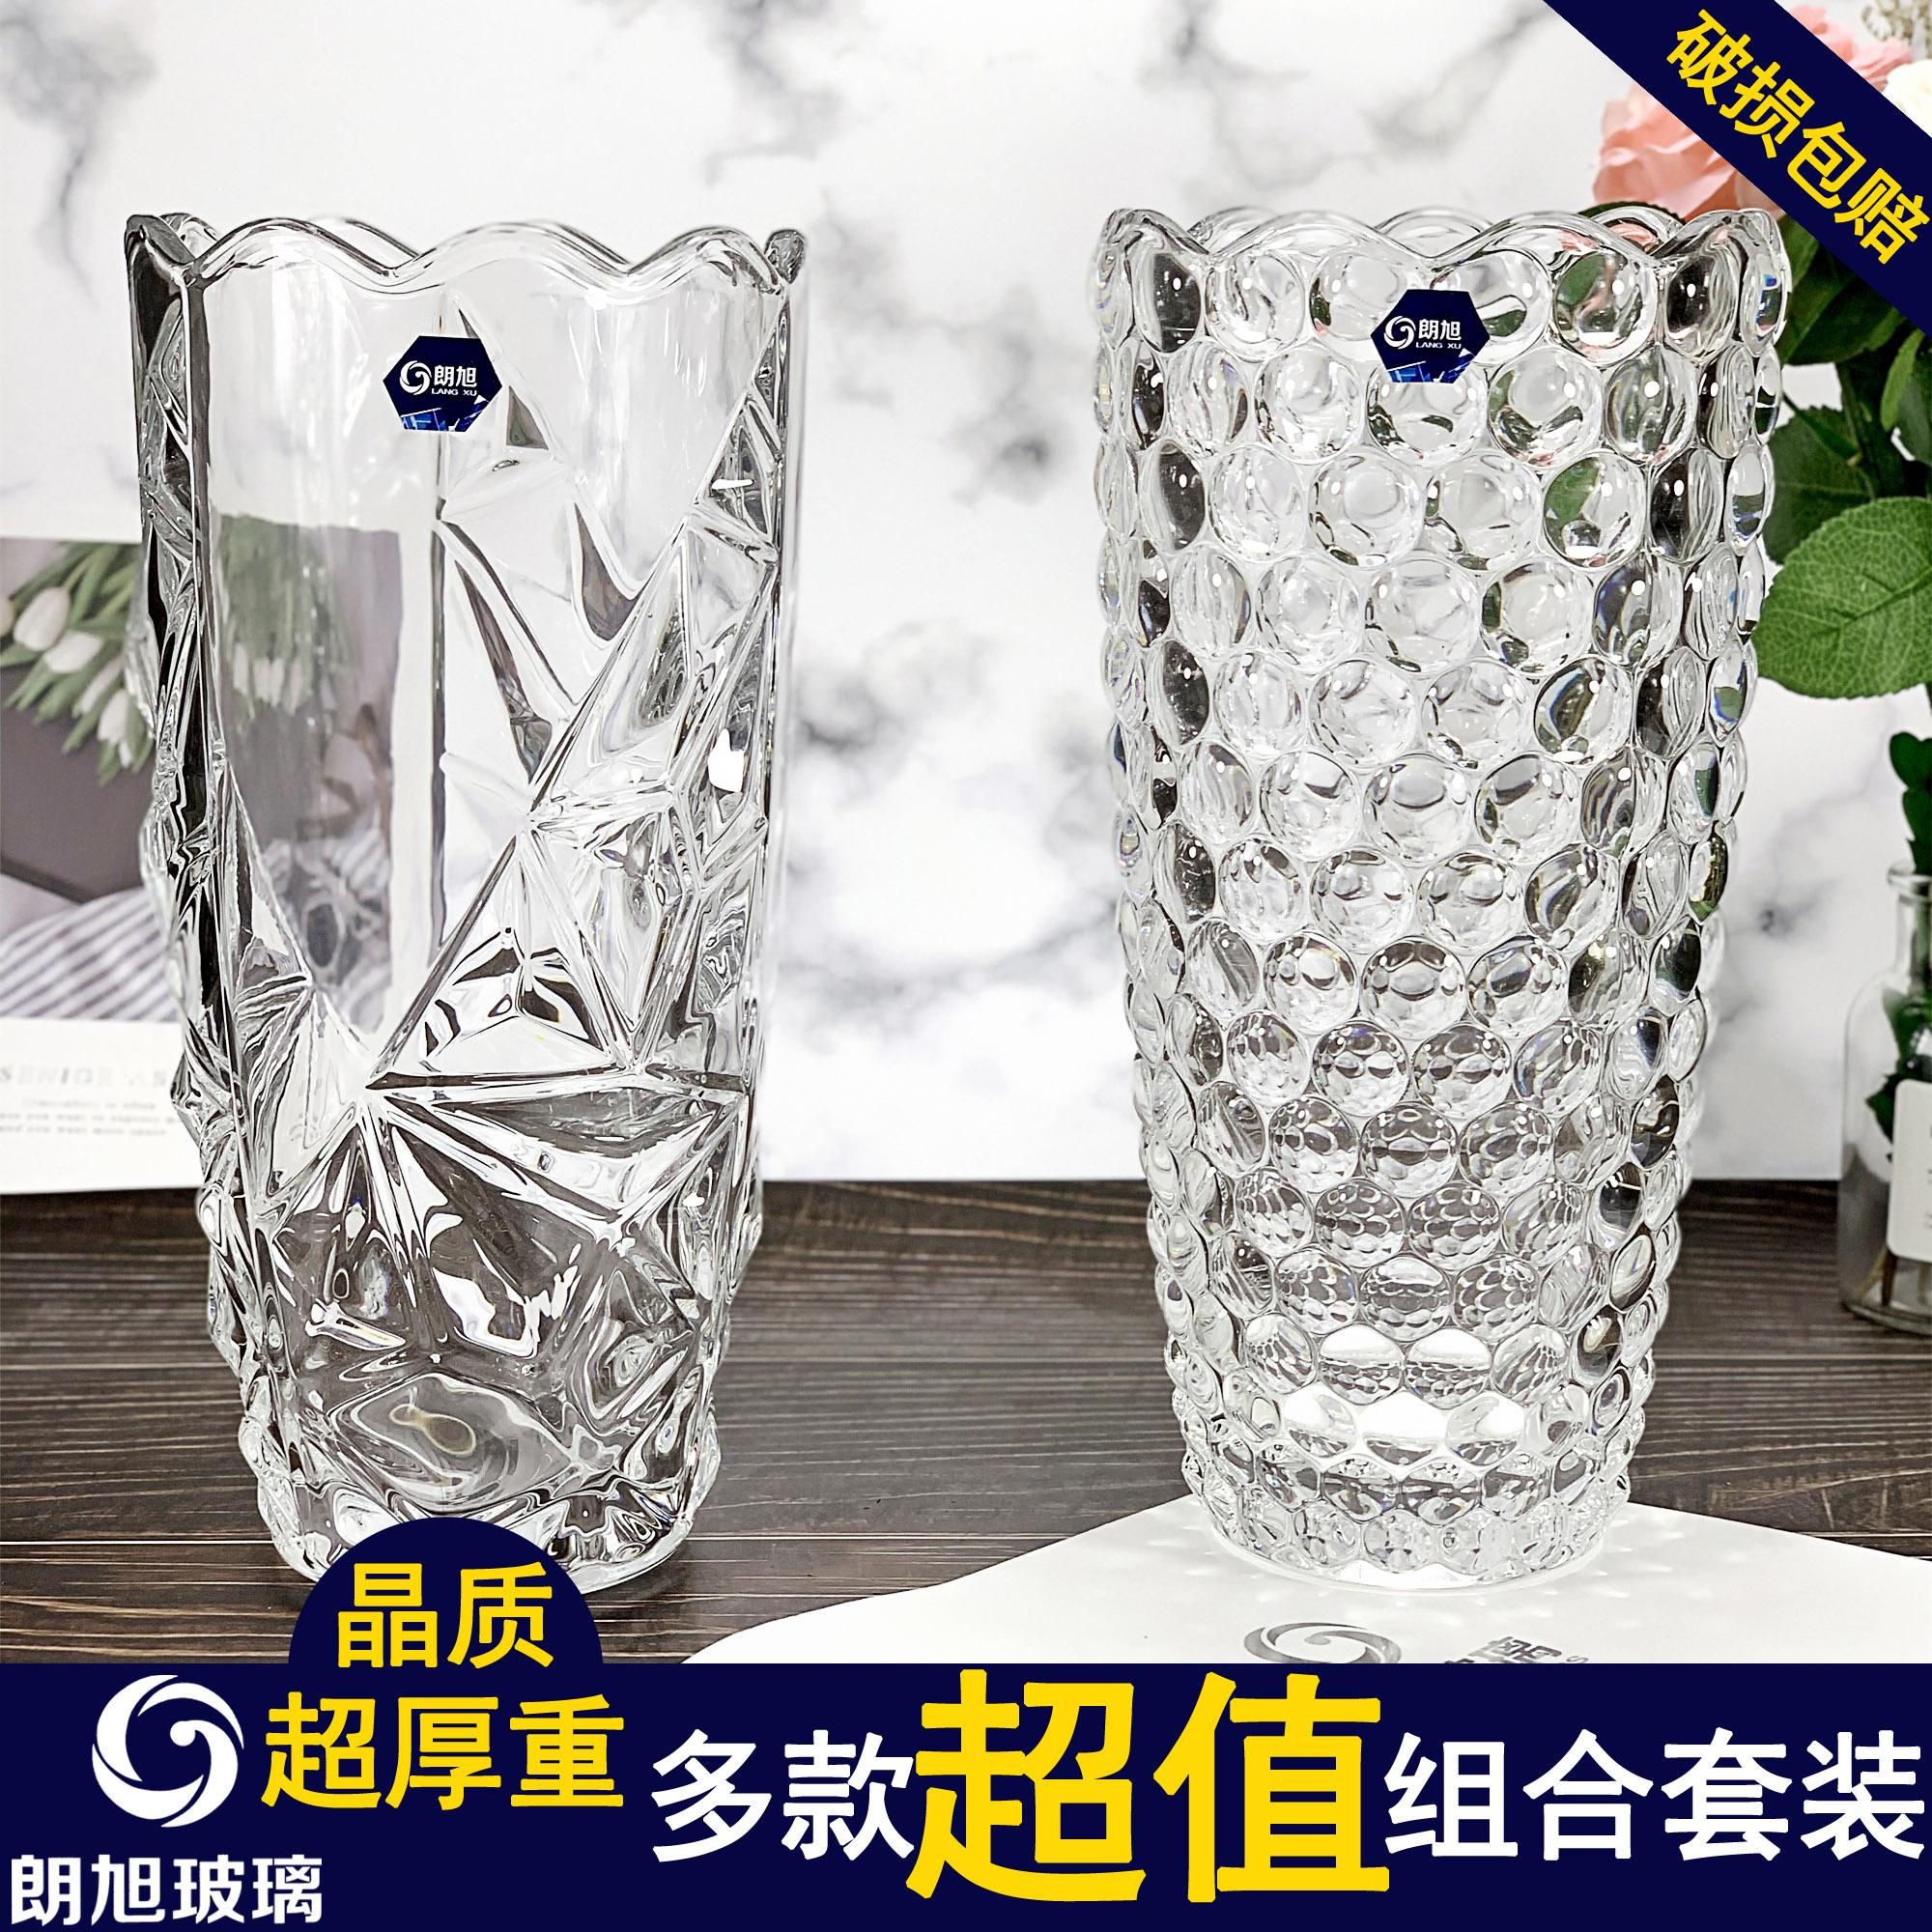 朗旭玻璃客厅北欧透明富贵竹百合玫瑰干花水养培插花大号花瓶摆件